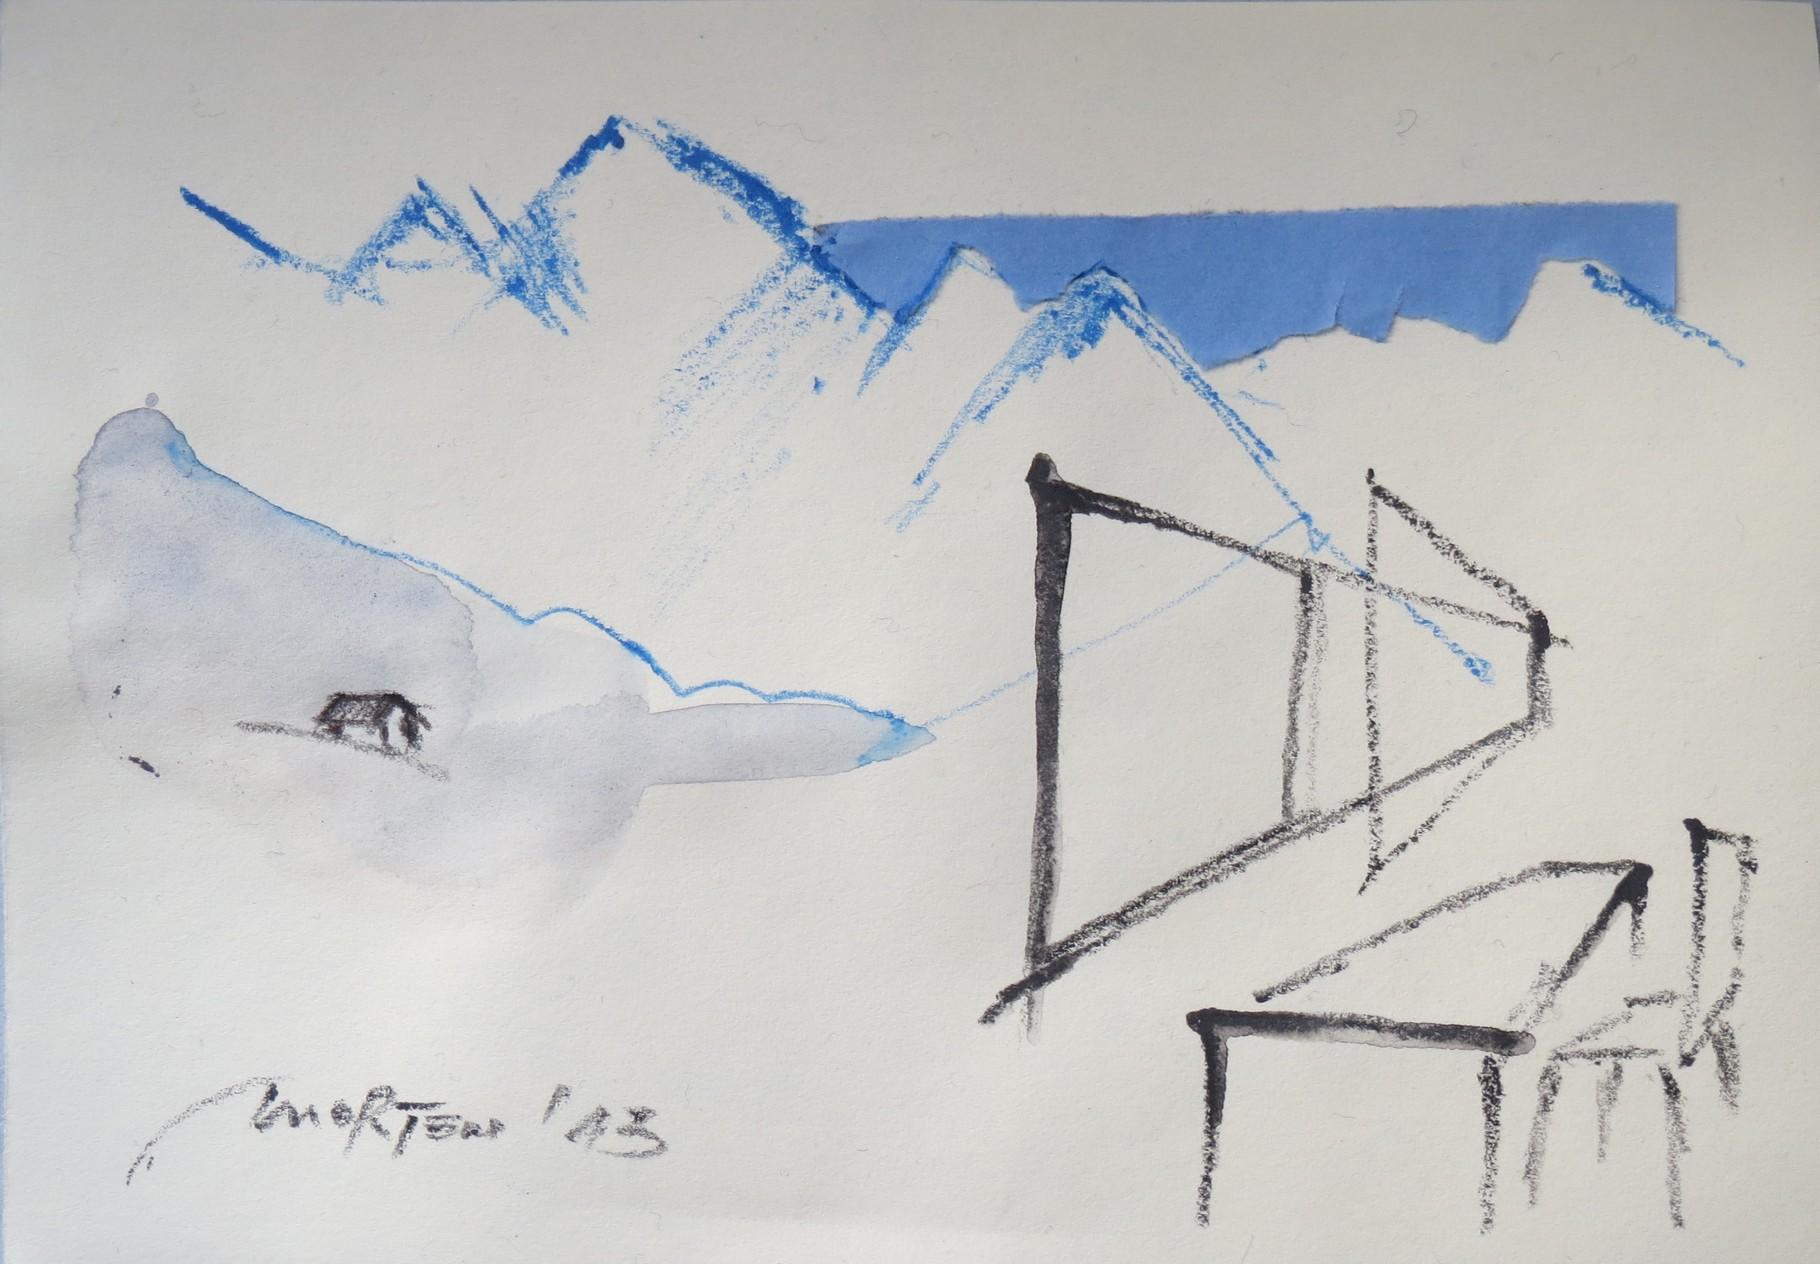 O. T. ( HAUS IN DEN BERGEN), 2013, Johannes Morten, 10,5 x 14,8 cm, Acryl, Aquarell und Pappe auf Papier